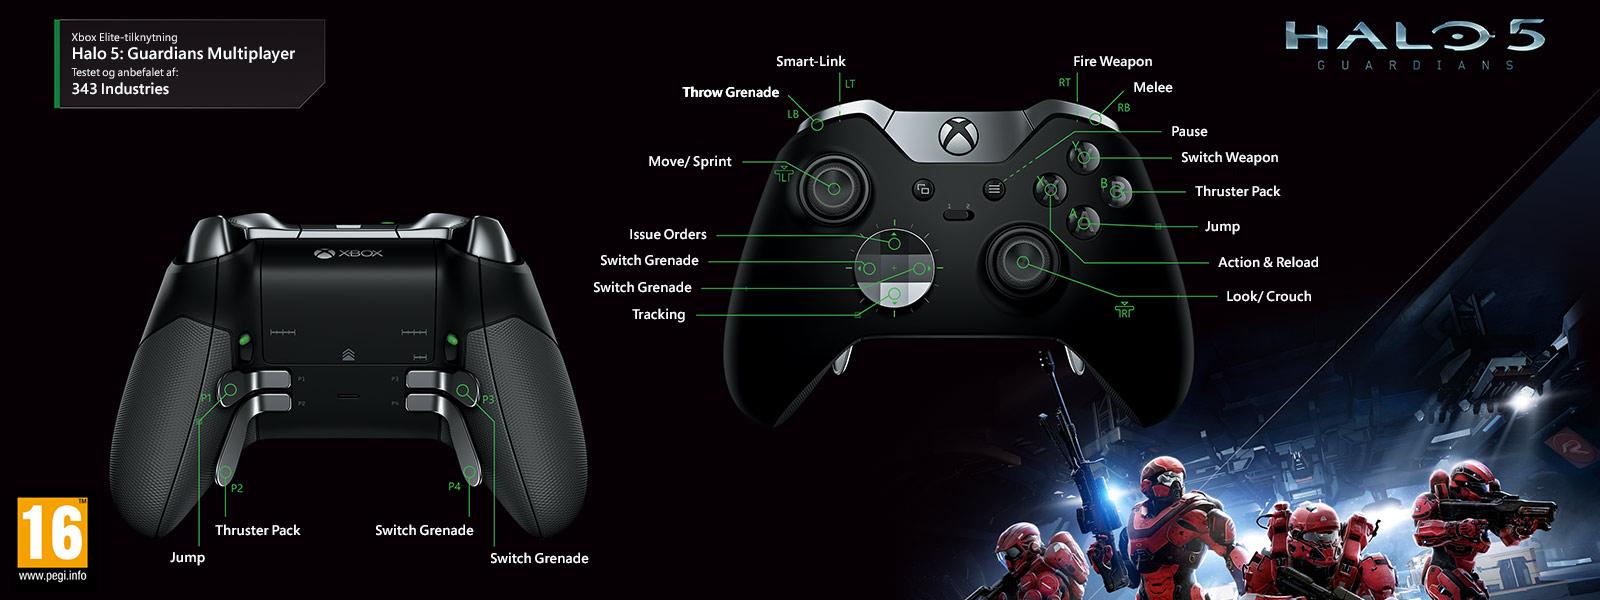 Halo 5 – Elite-konfiguration til Guardians-multiplayer